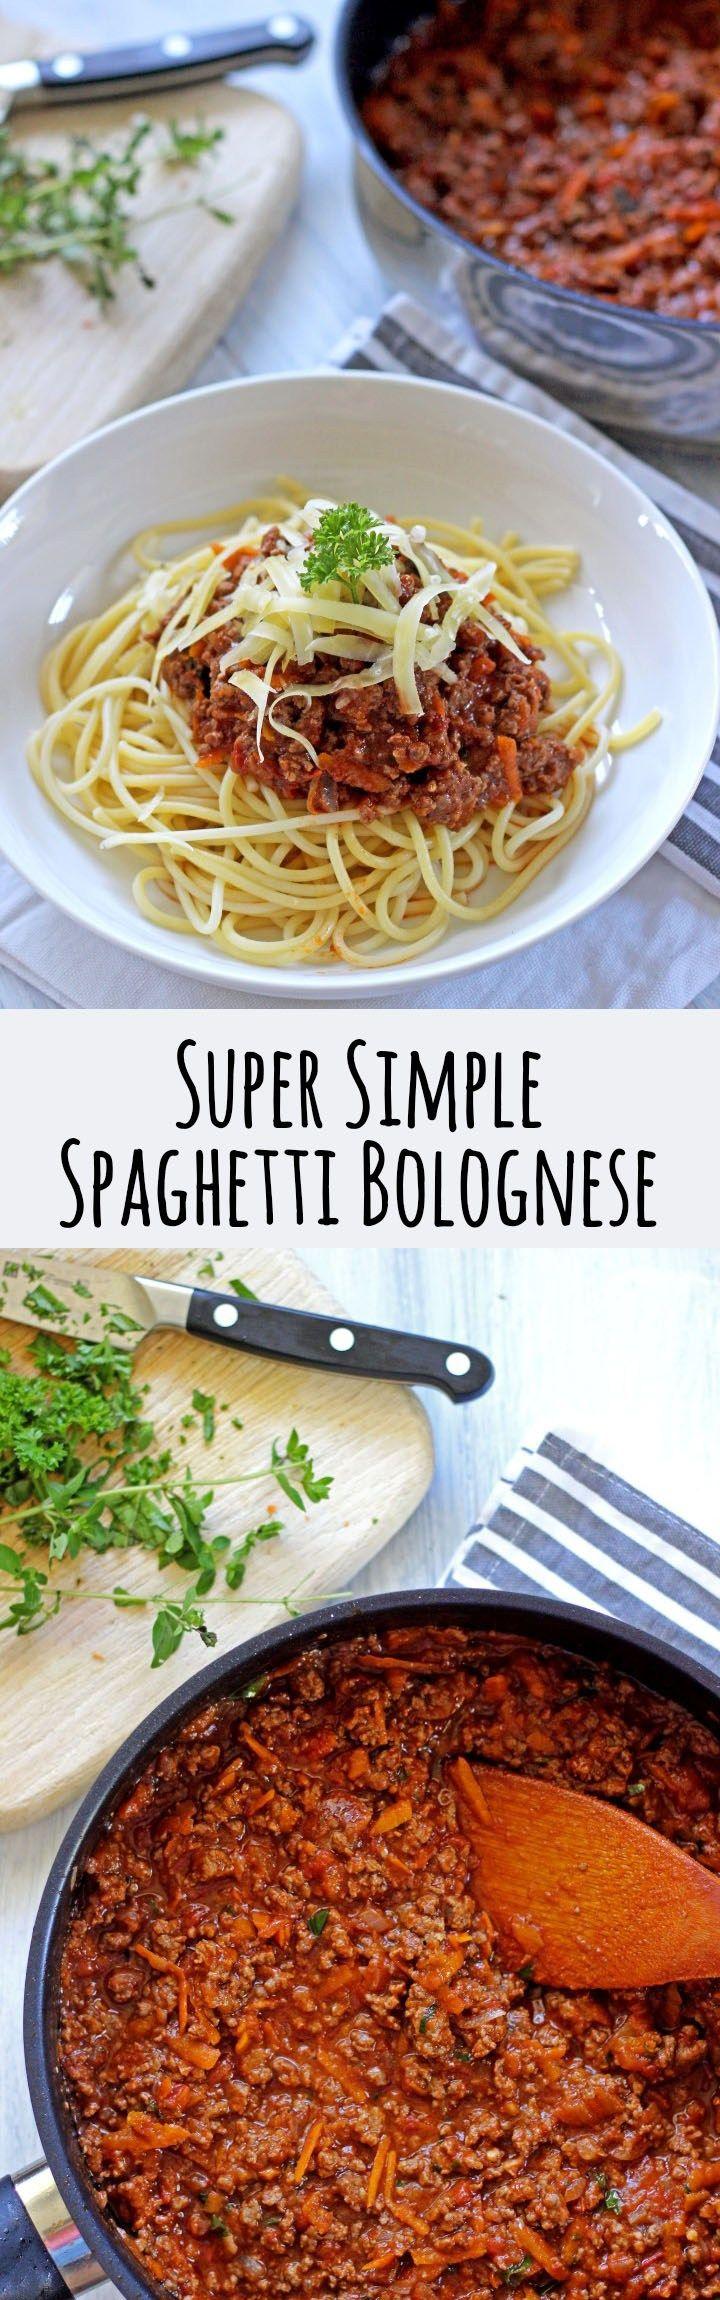 Mijn lievelings eten, spaghetti!